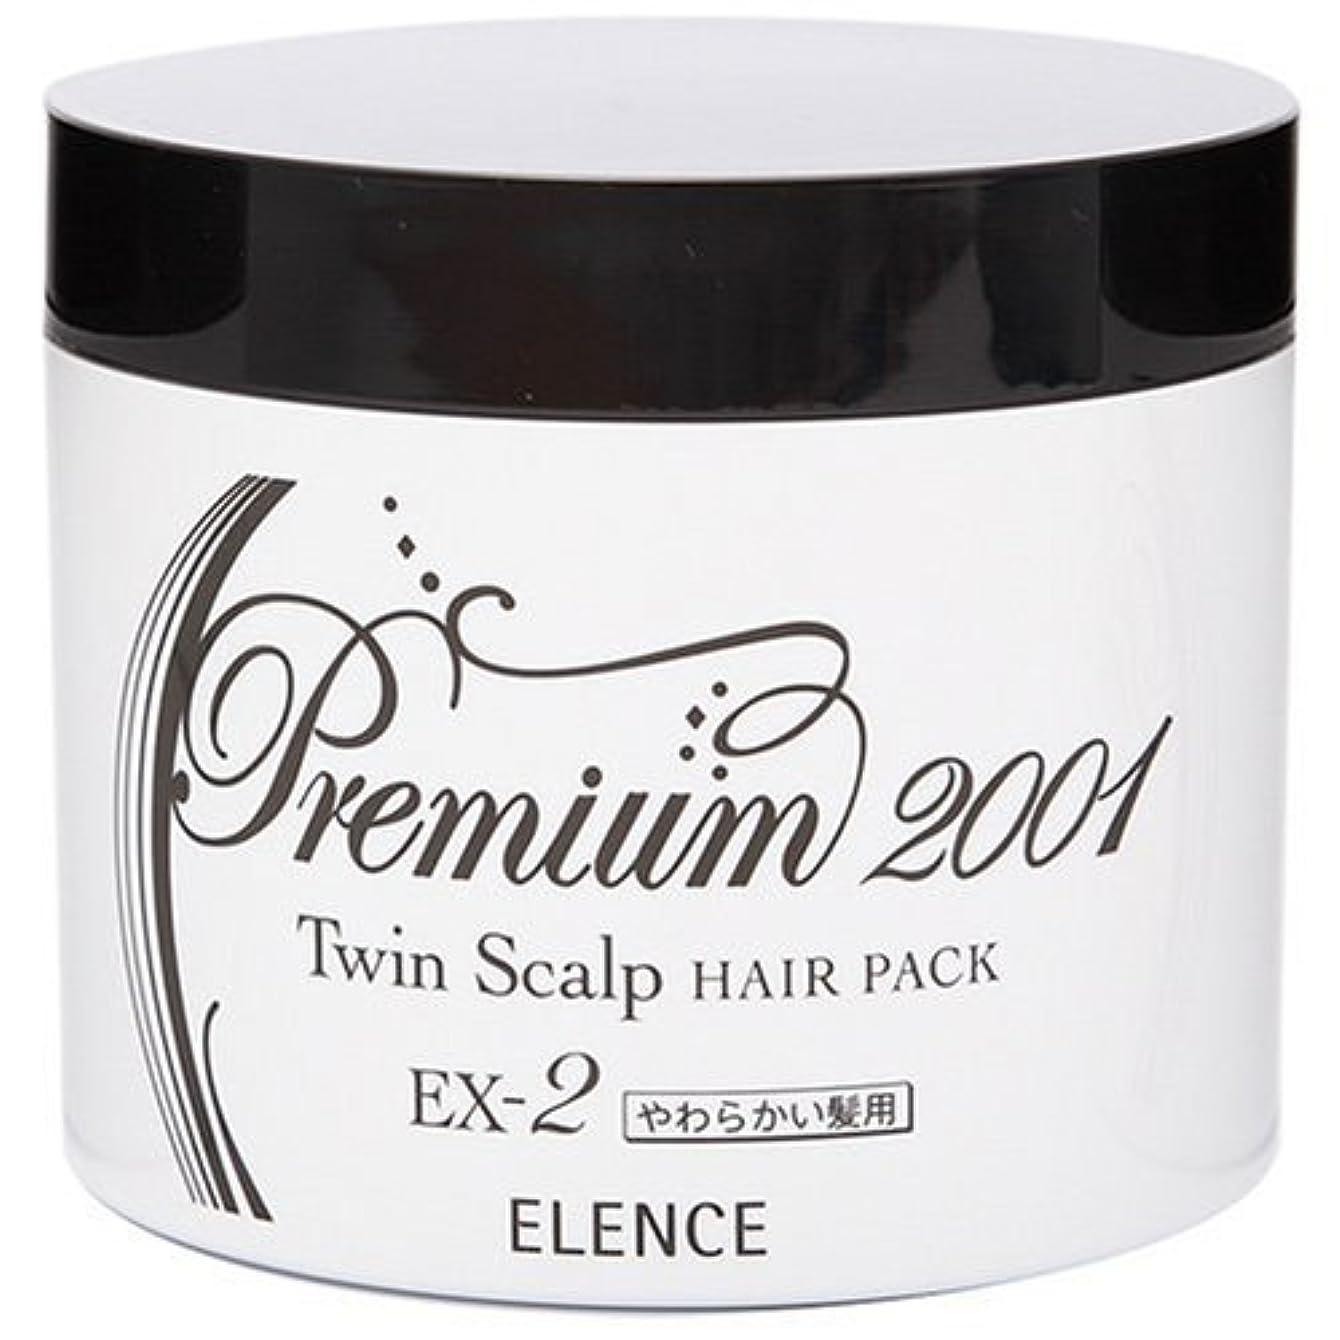 嫌な満足矢じりエレンス2001 ツインスキャルプヘアパックEX-2(やわらかい髪用)